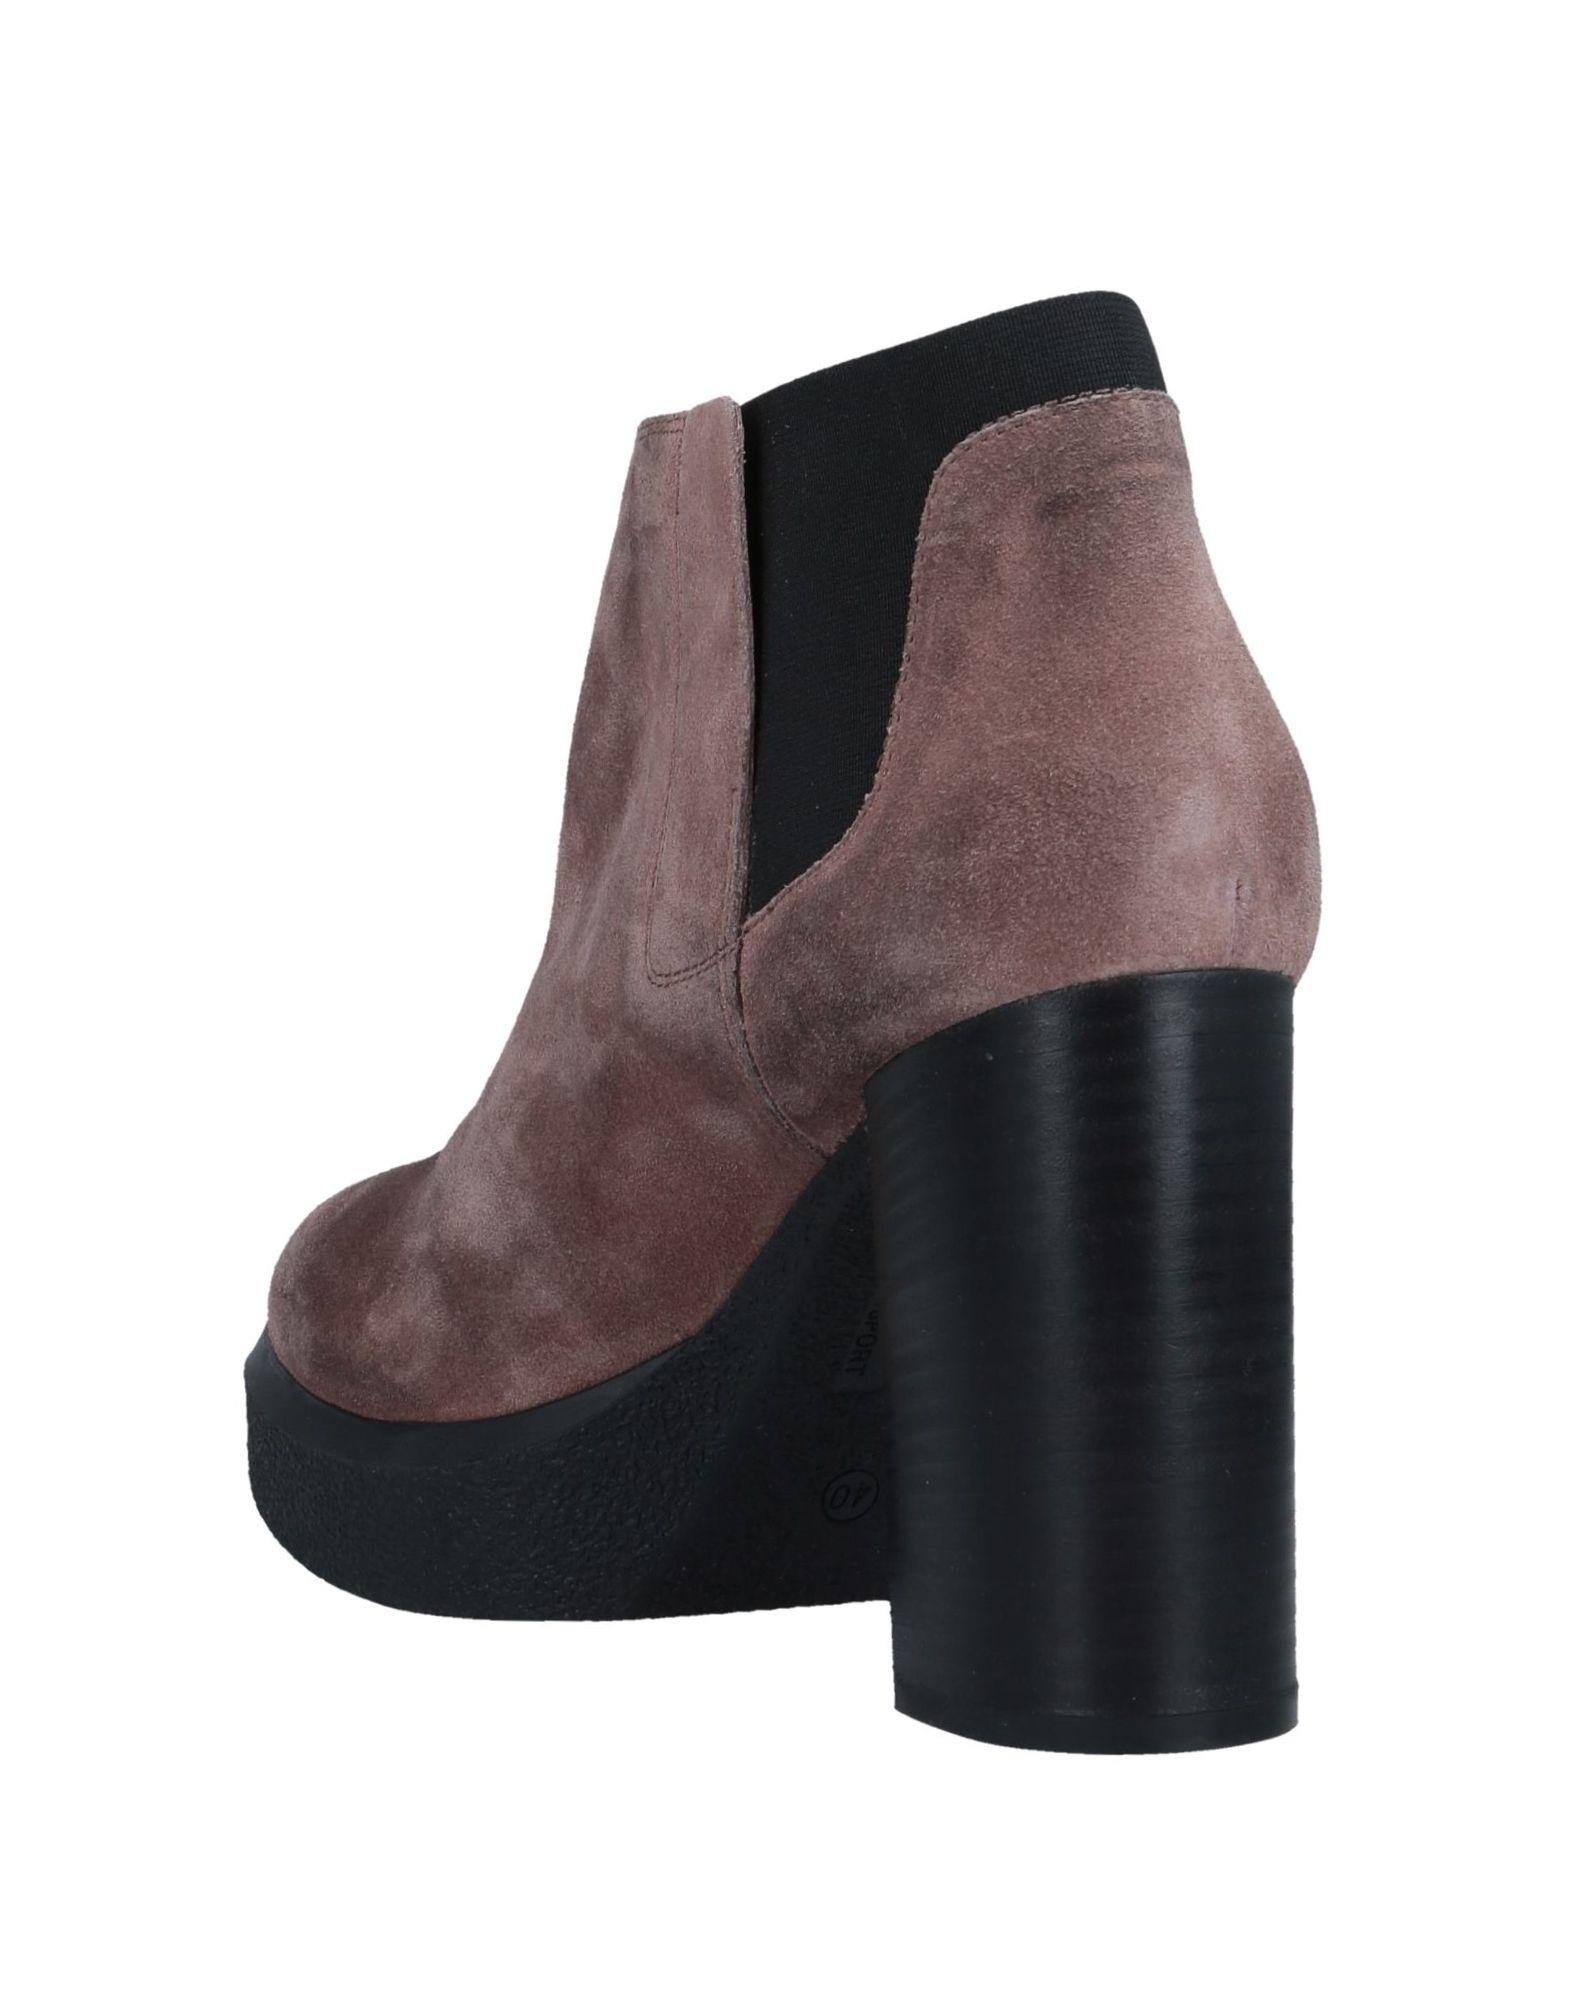 Janet Sport Chelsea Boots Damen  Schuhe 11548621WO Gute Qualität beliebte Schuhe  affed1